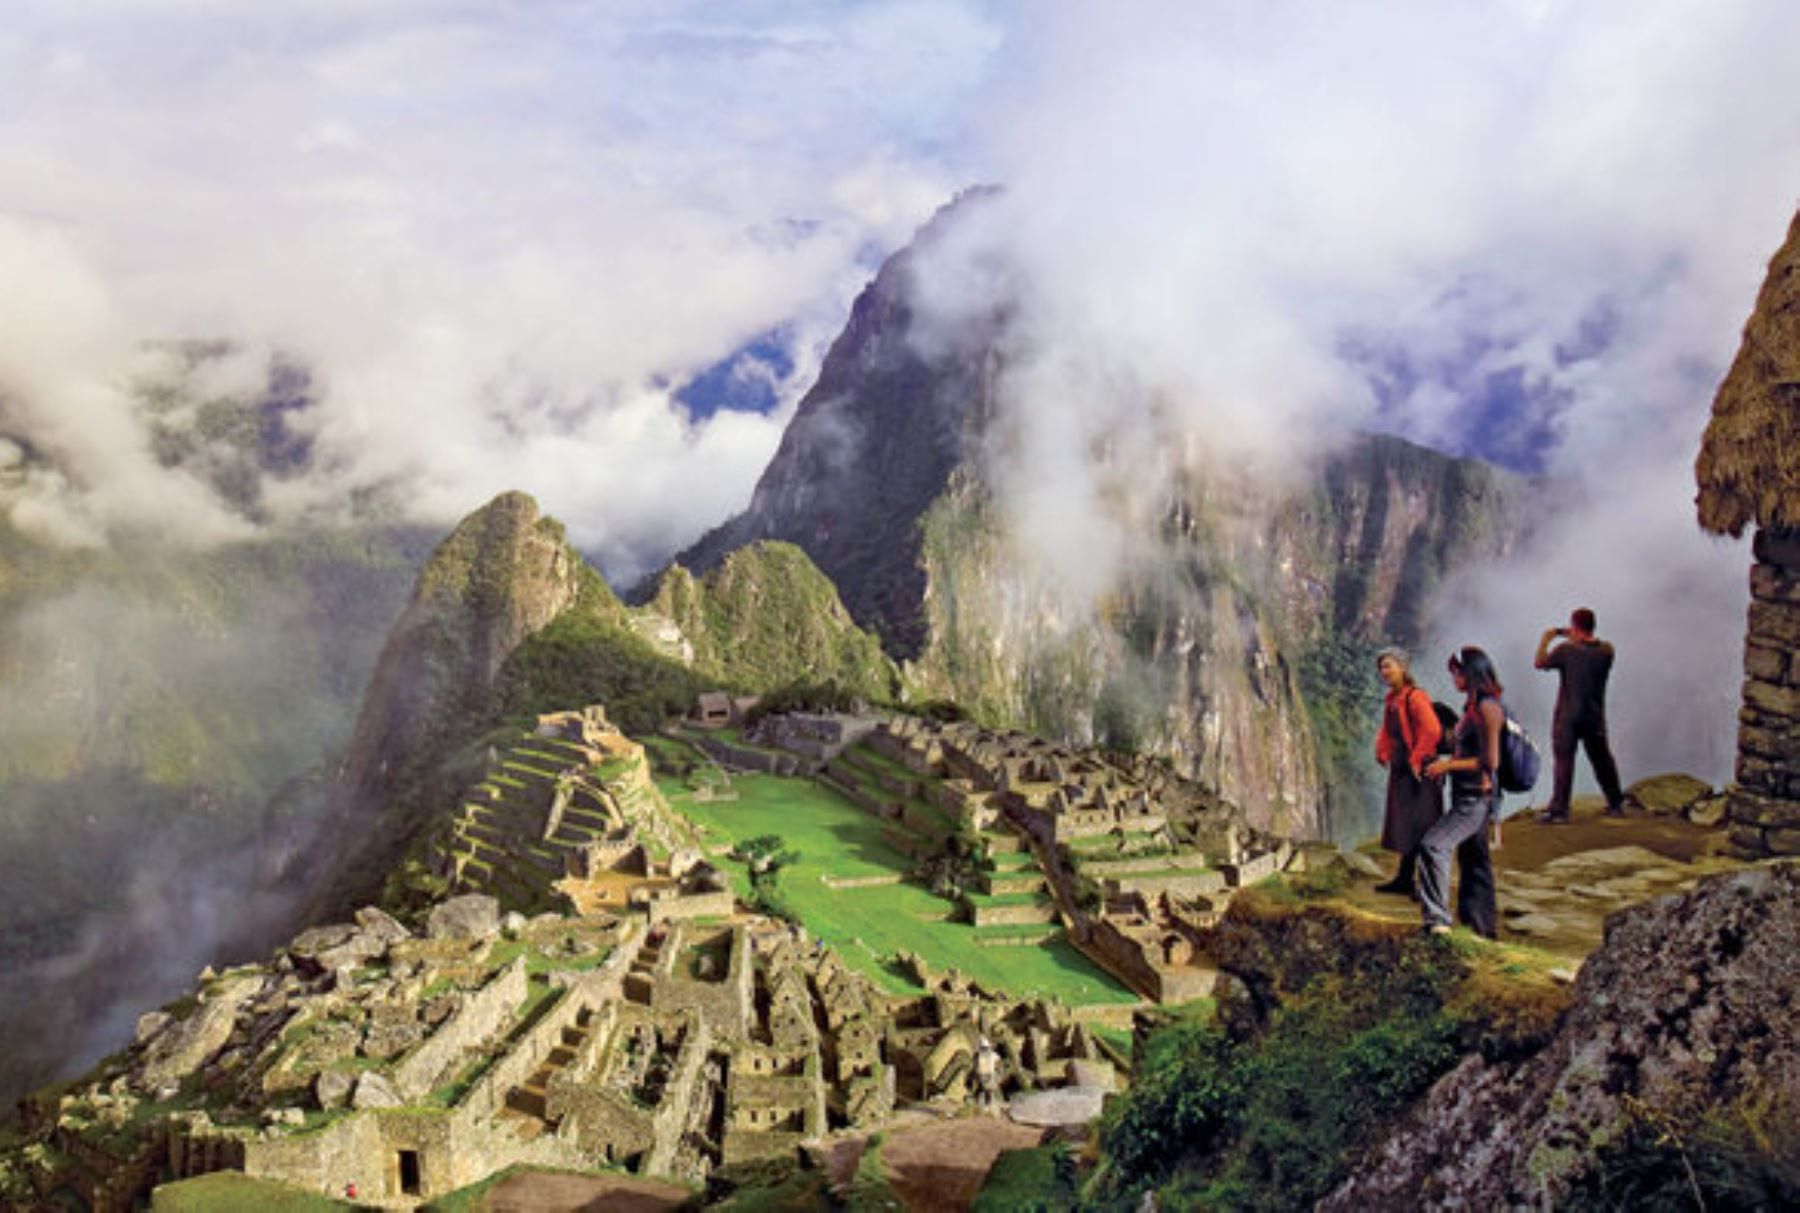 terremoto registrado alrededor de 1450 provocó la deformación de los muros de Machu Picchu, según estudio del Ingemmet. INTERNET/Medios